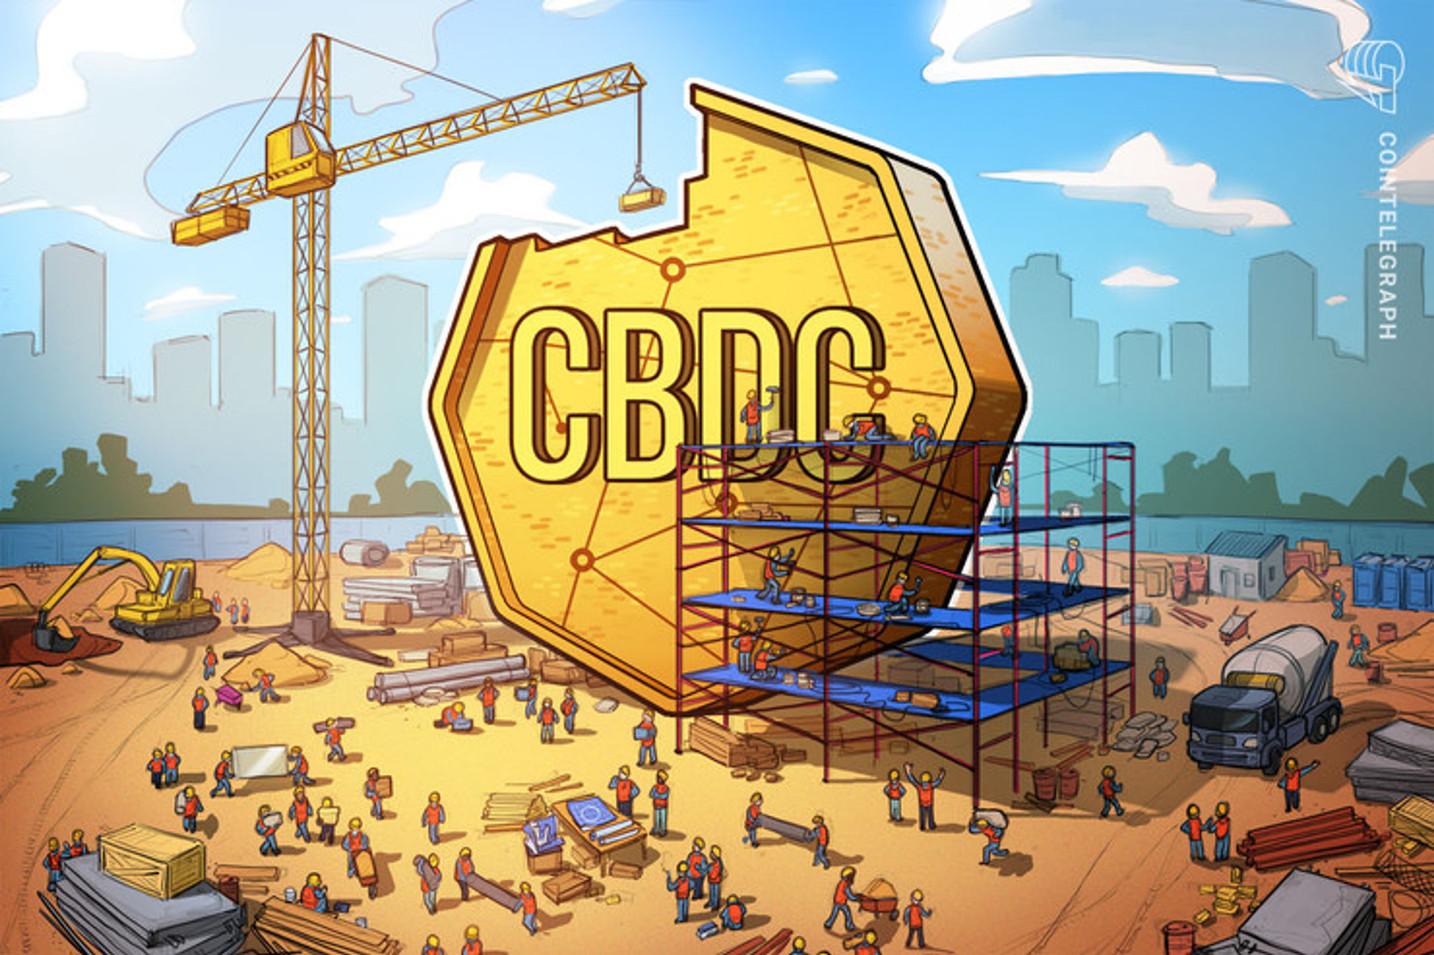 Ex vicepresidente de la CNMV de España opina que las CBDC pueden ser el dinero futuro